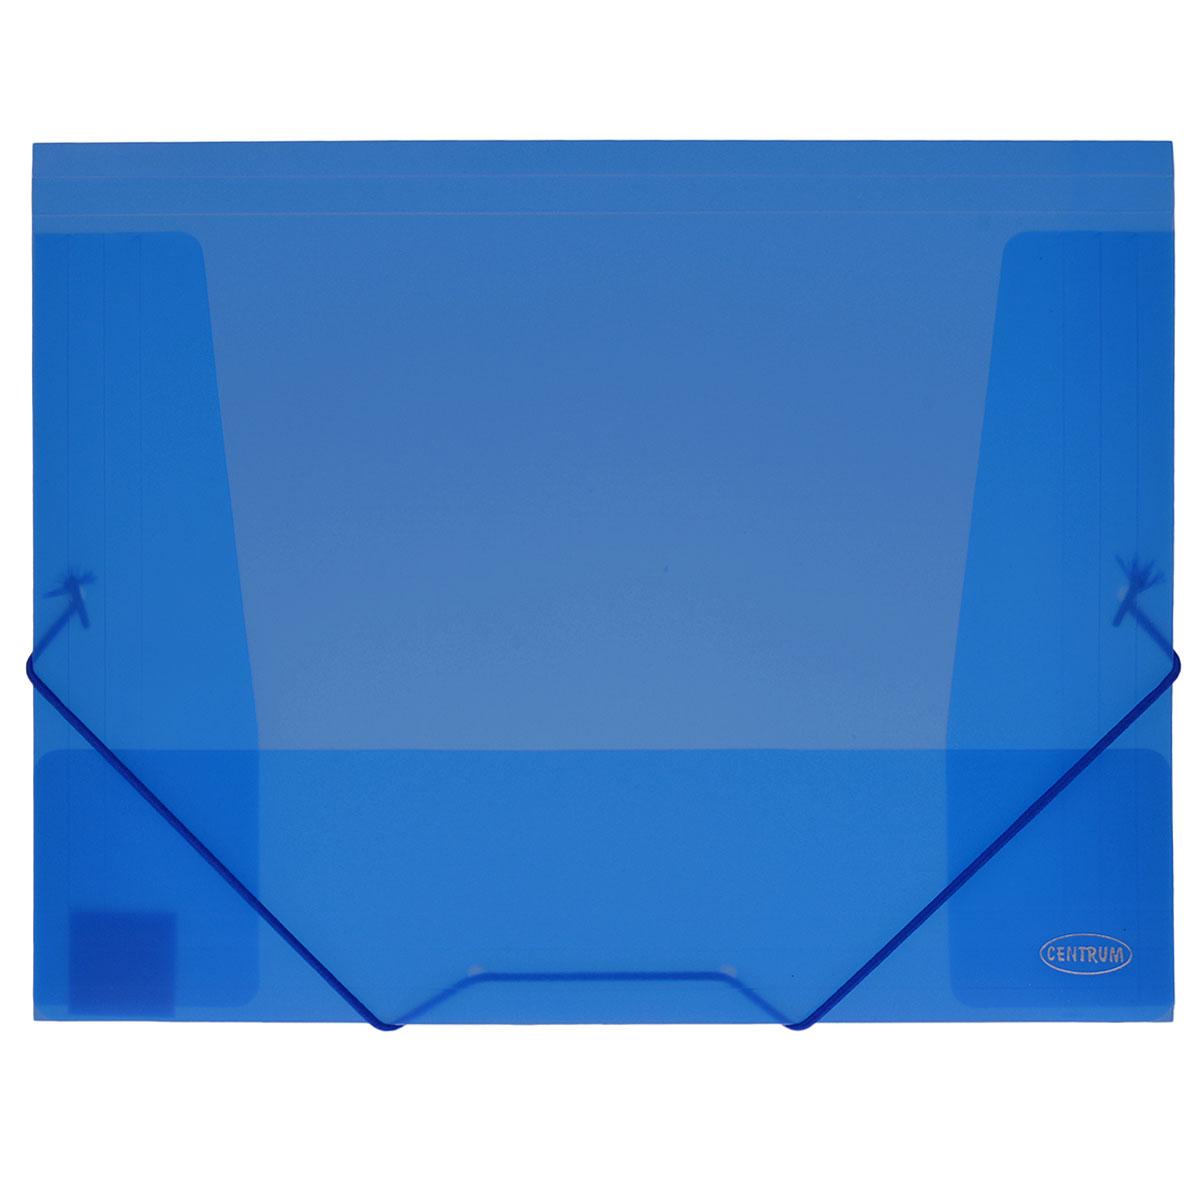 Папка-конверт на резинке Centrum, цвет: синий. Формат А4. 8001680016СПапка-конверт на резинке Centrum - это удобный и функциональный офисный инструмент, предназначенный для хранения и транспортировки рабочих бумаг и документов формата А4. Папка с двойной угловой фиксацией резиновой лентой изготовлена из износостойкого полупрозрачного пластика. Внутри папка имеет три клапана, что обеспечивает надежную фиксацию бумаг и документов. Папка - это незаменимый атрибут для студента, школьника, офисного работника. Такая папка надежно сохранит ваши документы и сбережет их от повреждений, пыли и влаги.